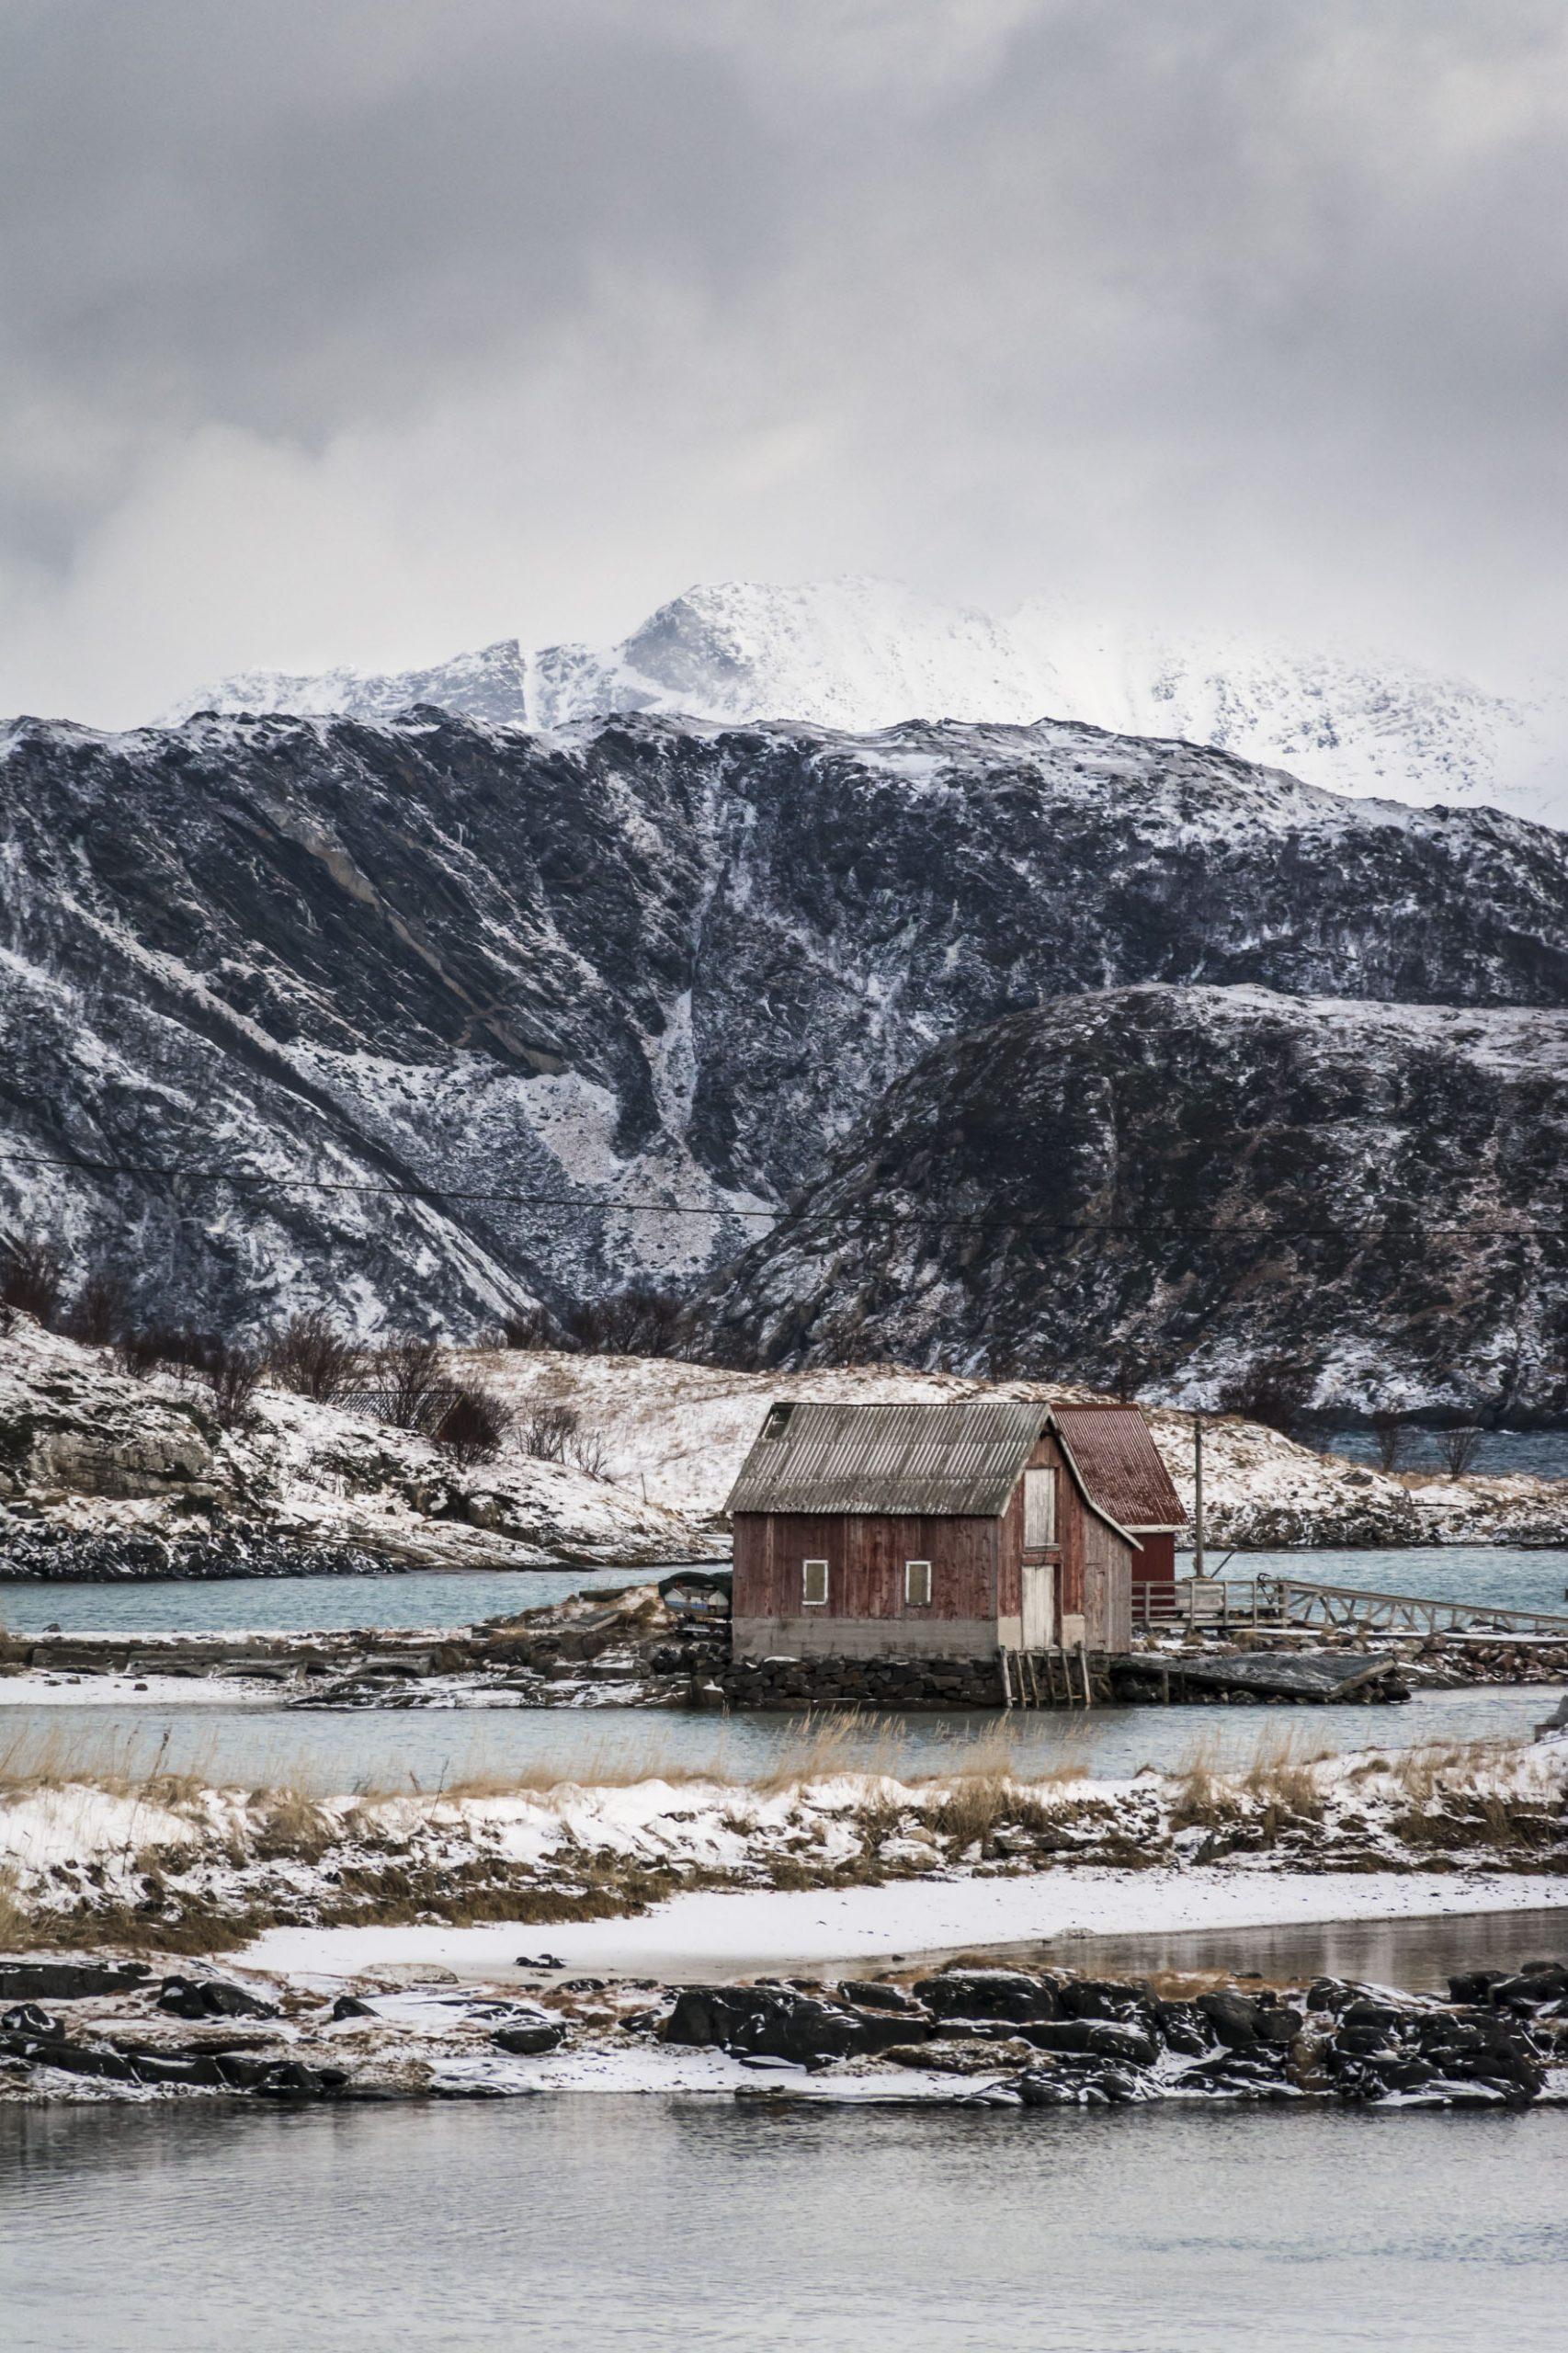 La cabane de Sommarøy